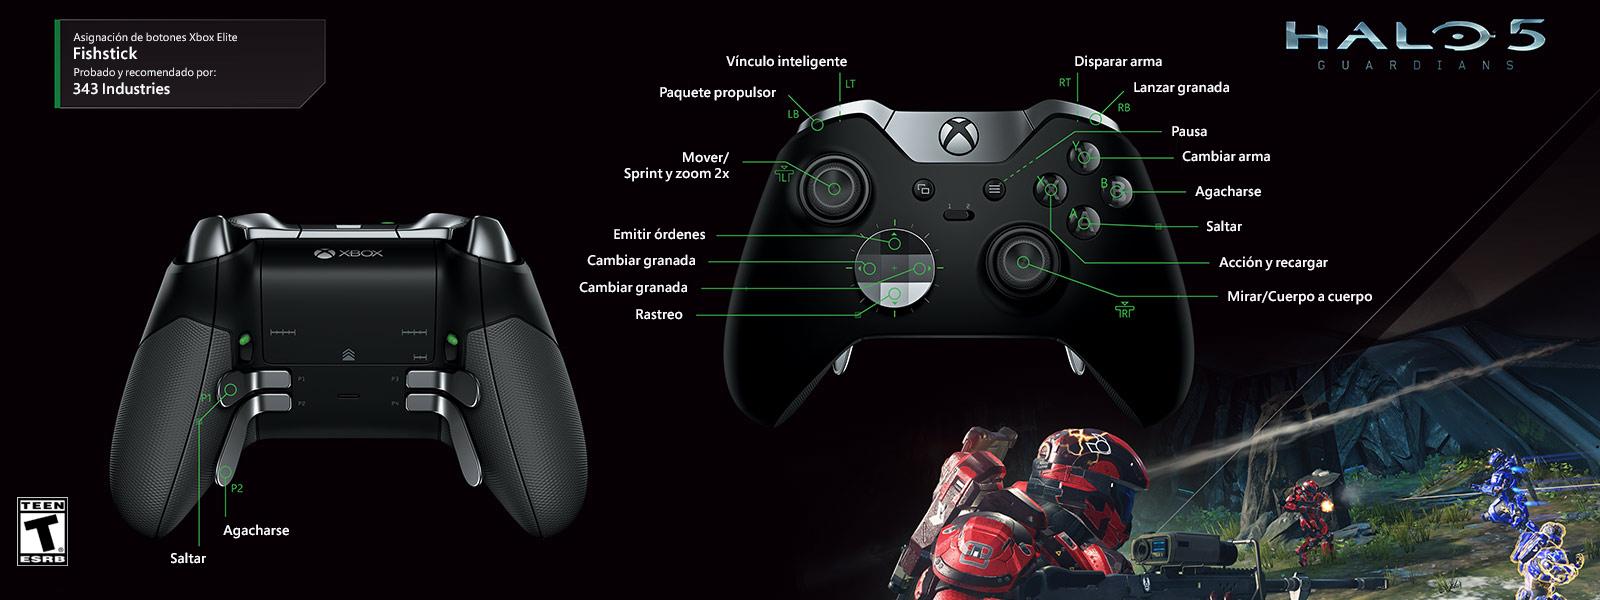 Halo 5: Fishstick (asignación de funciones del control Elite)